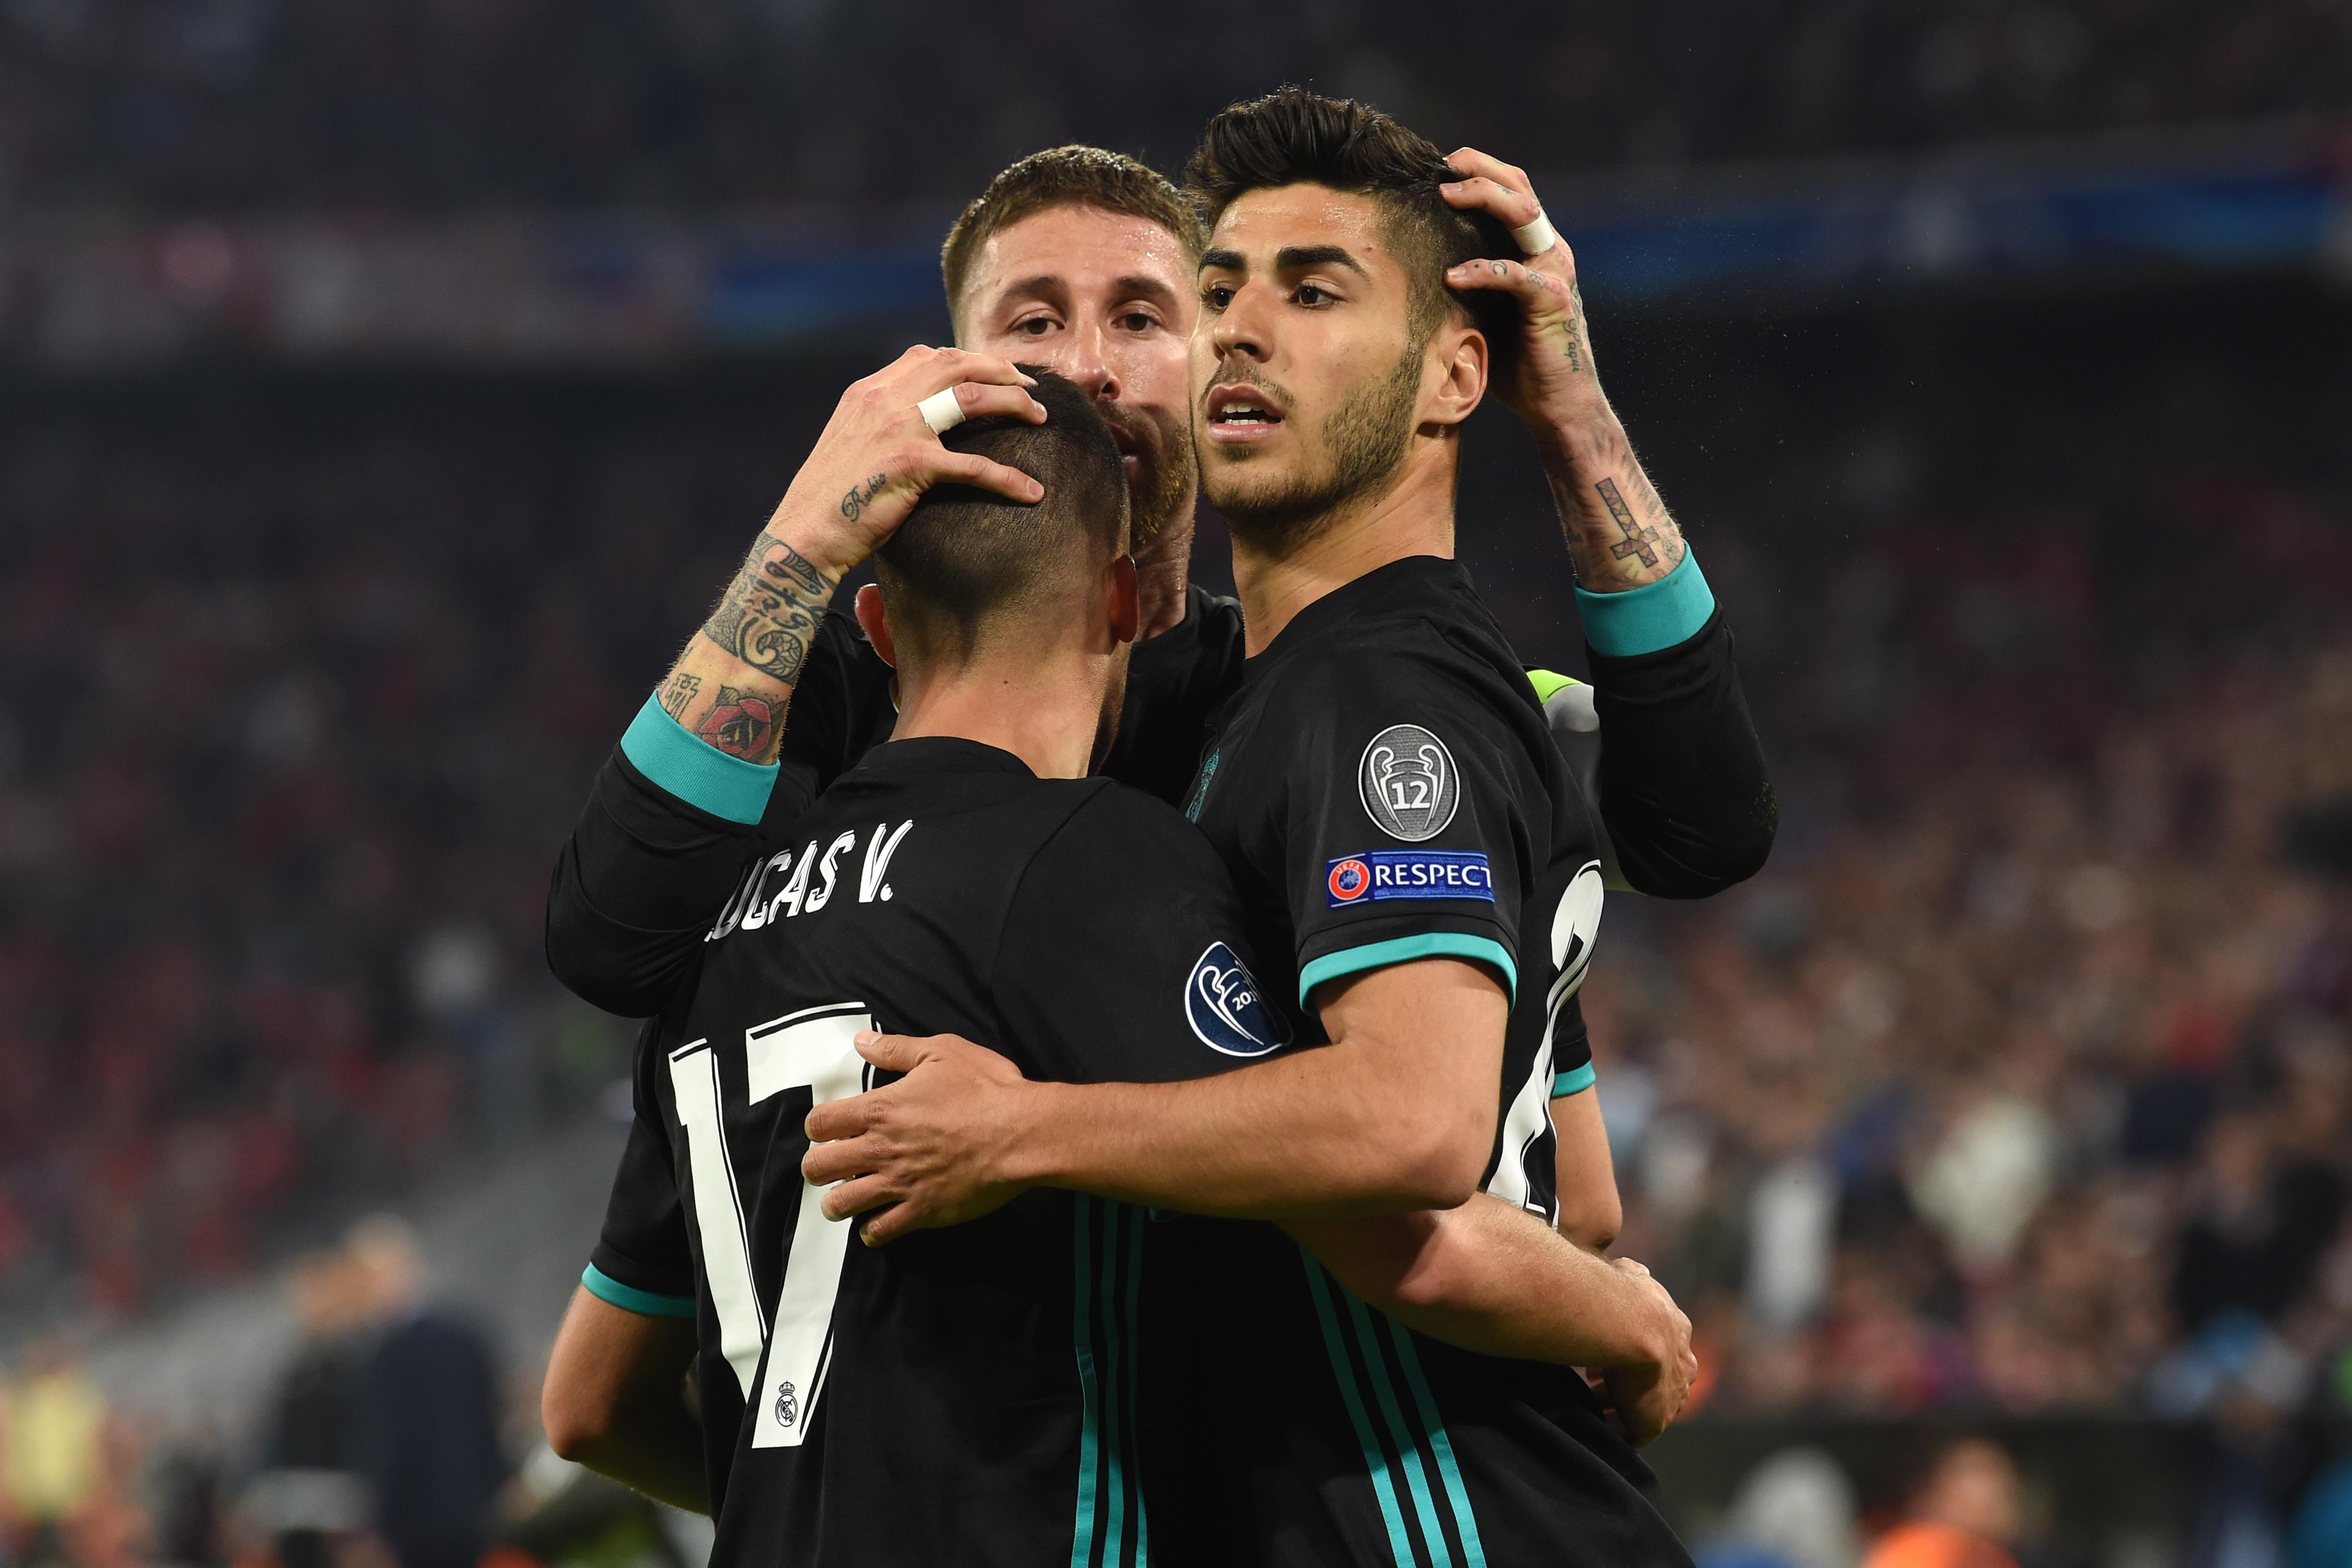 Münchenben győzte le a Real Madrid a Bayernt a BL-elődöntőben